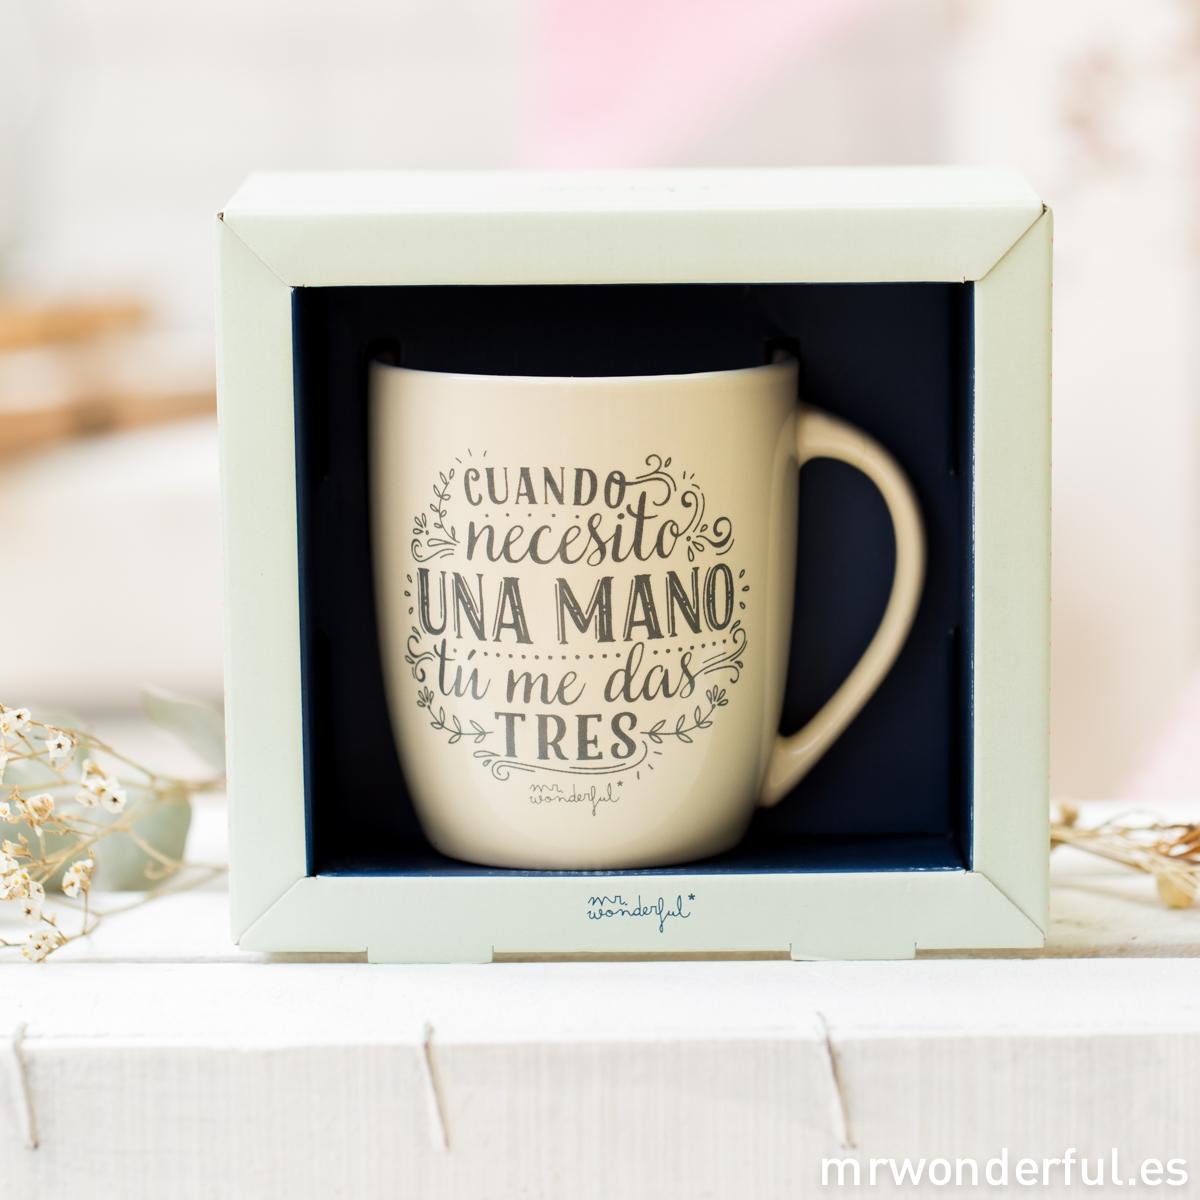 mrwonderful_8436547191666_WON-212_TAZA_Taza-pastel-AMARILLA_cuando-necesito-una-mano-me-das-tres-27